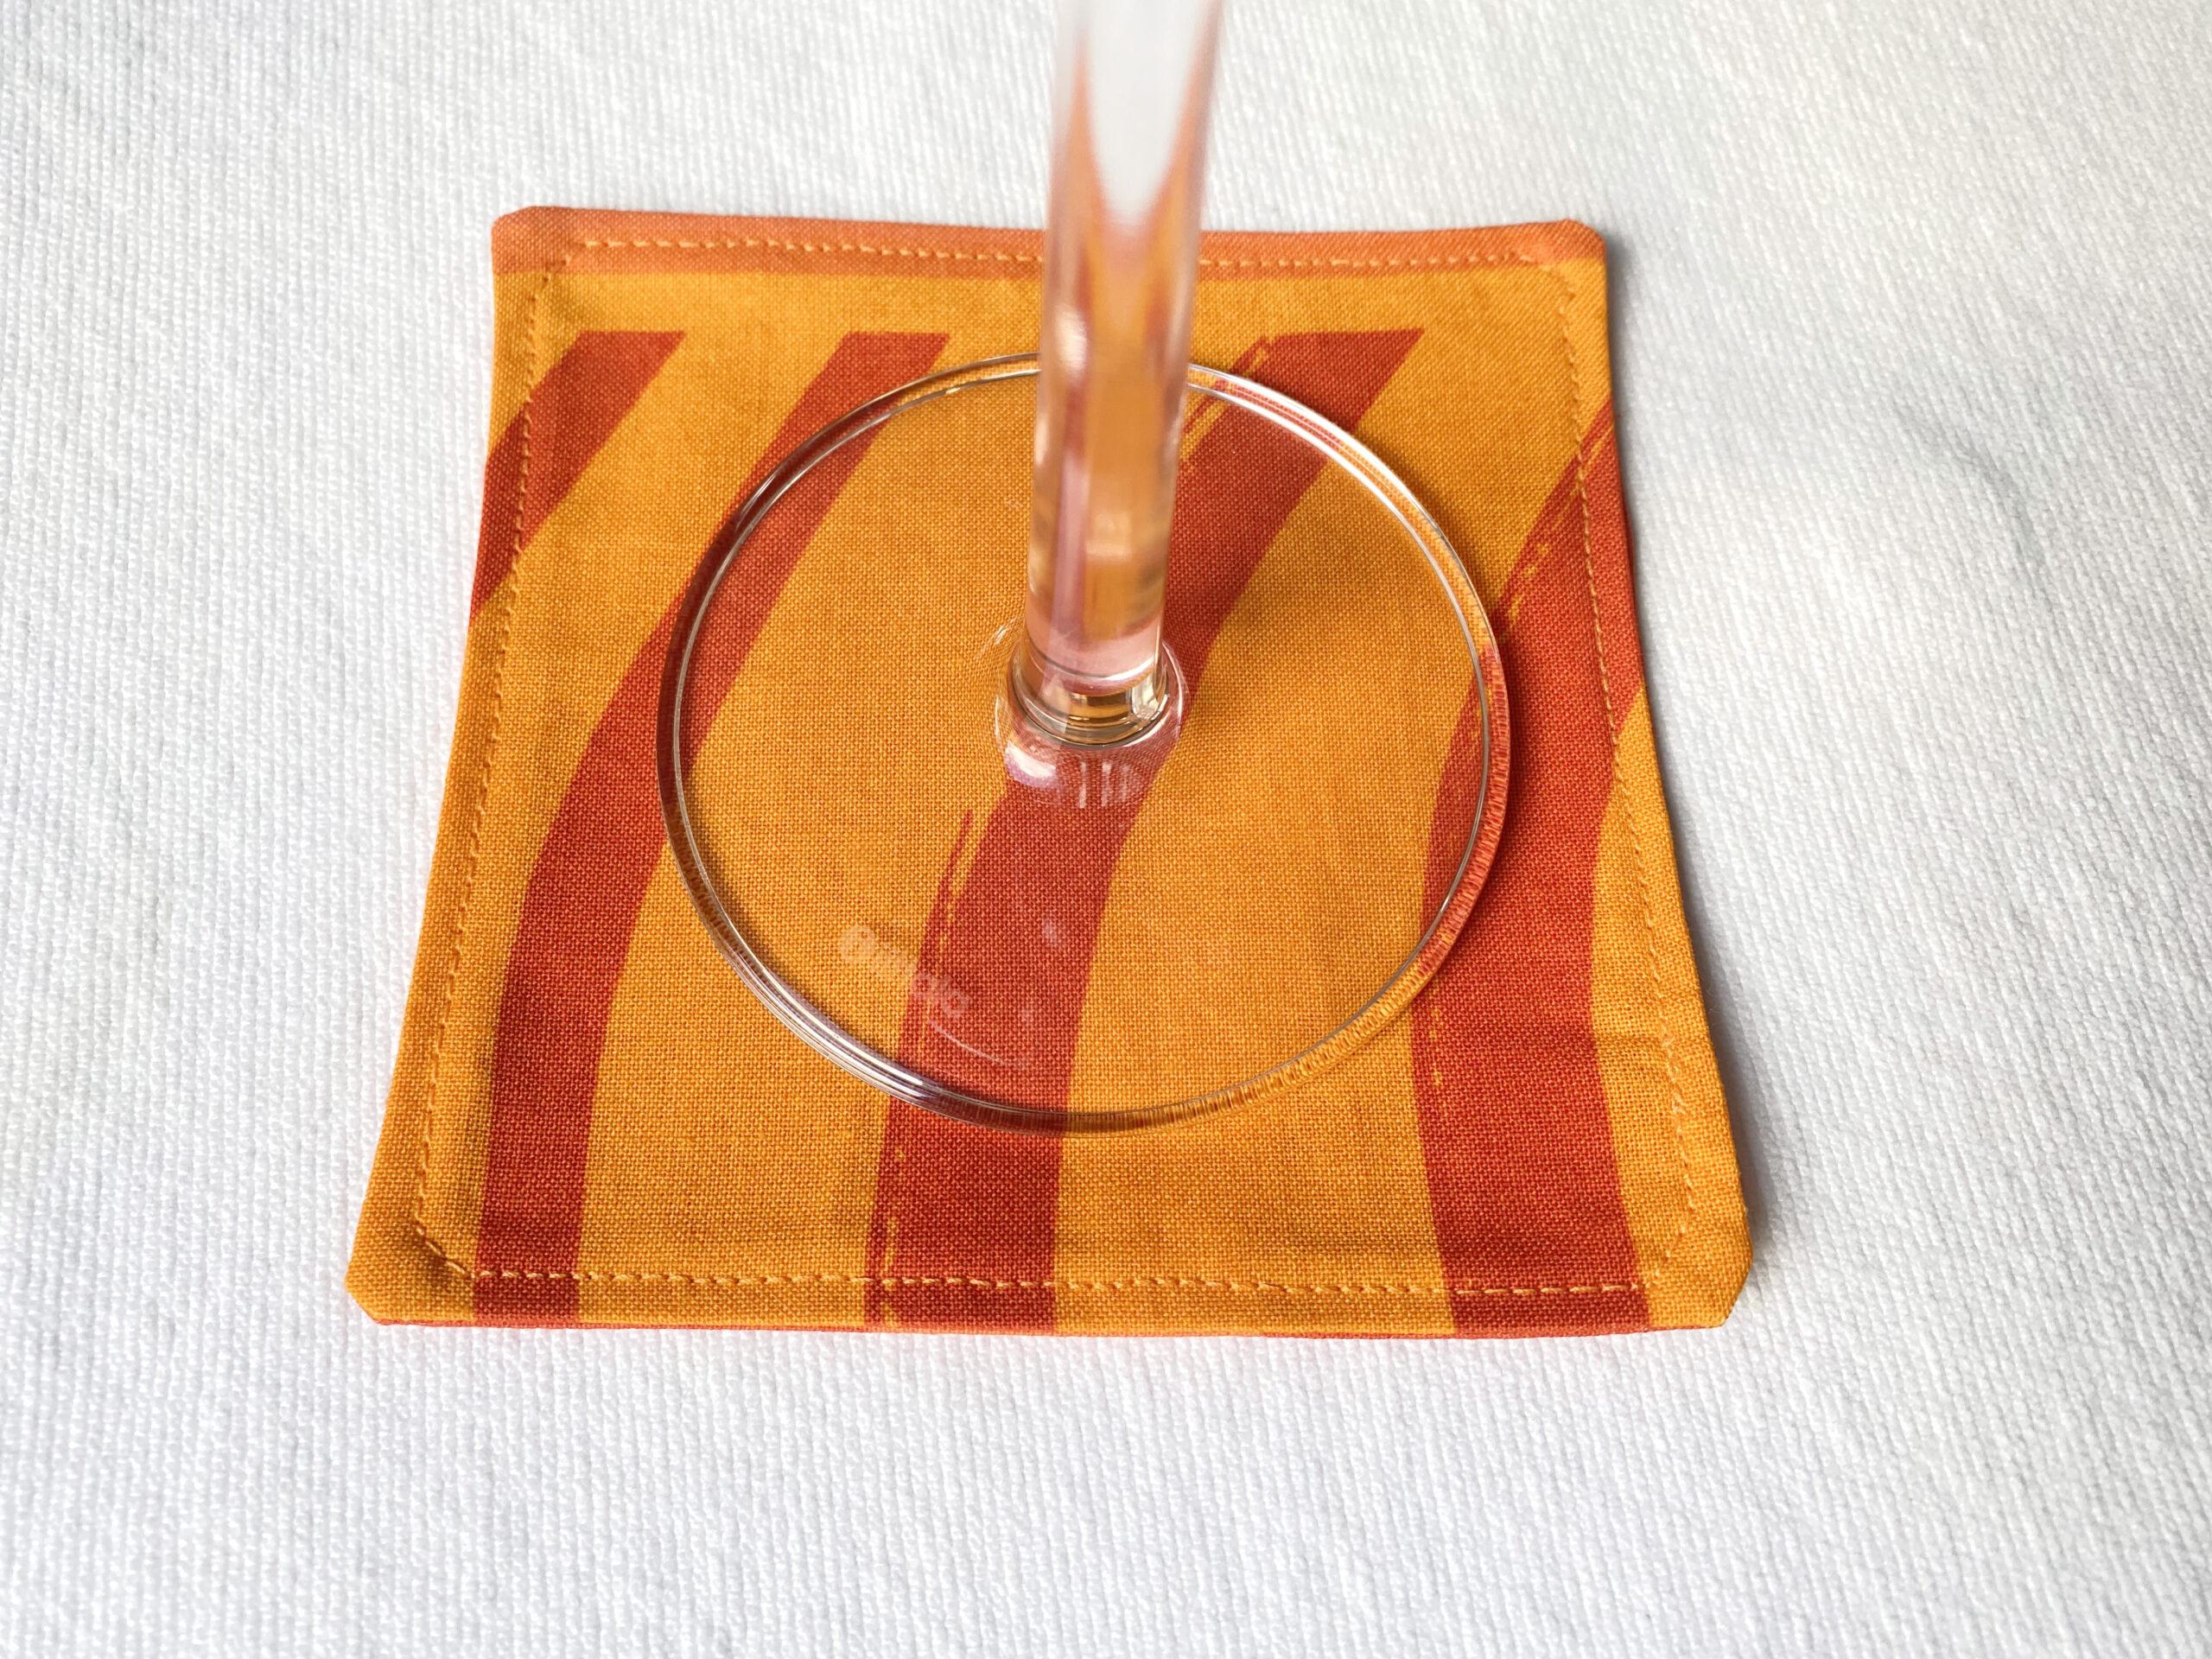 marimekko orange fabric coasters silkkikuikka design